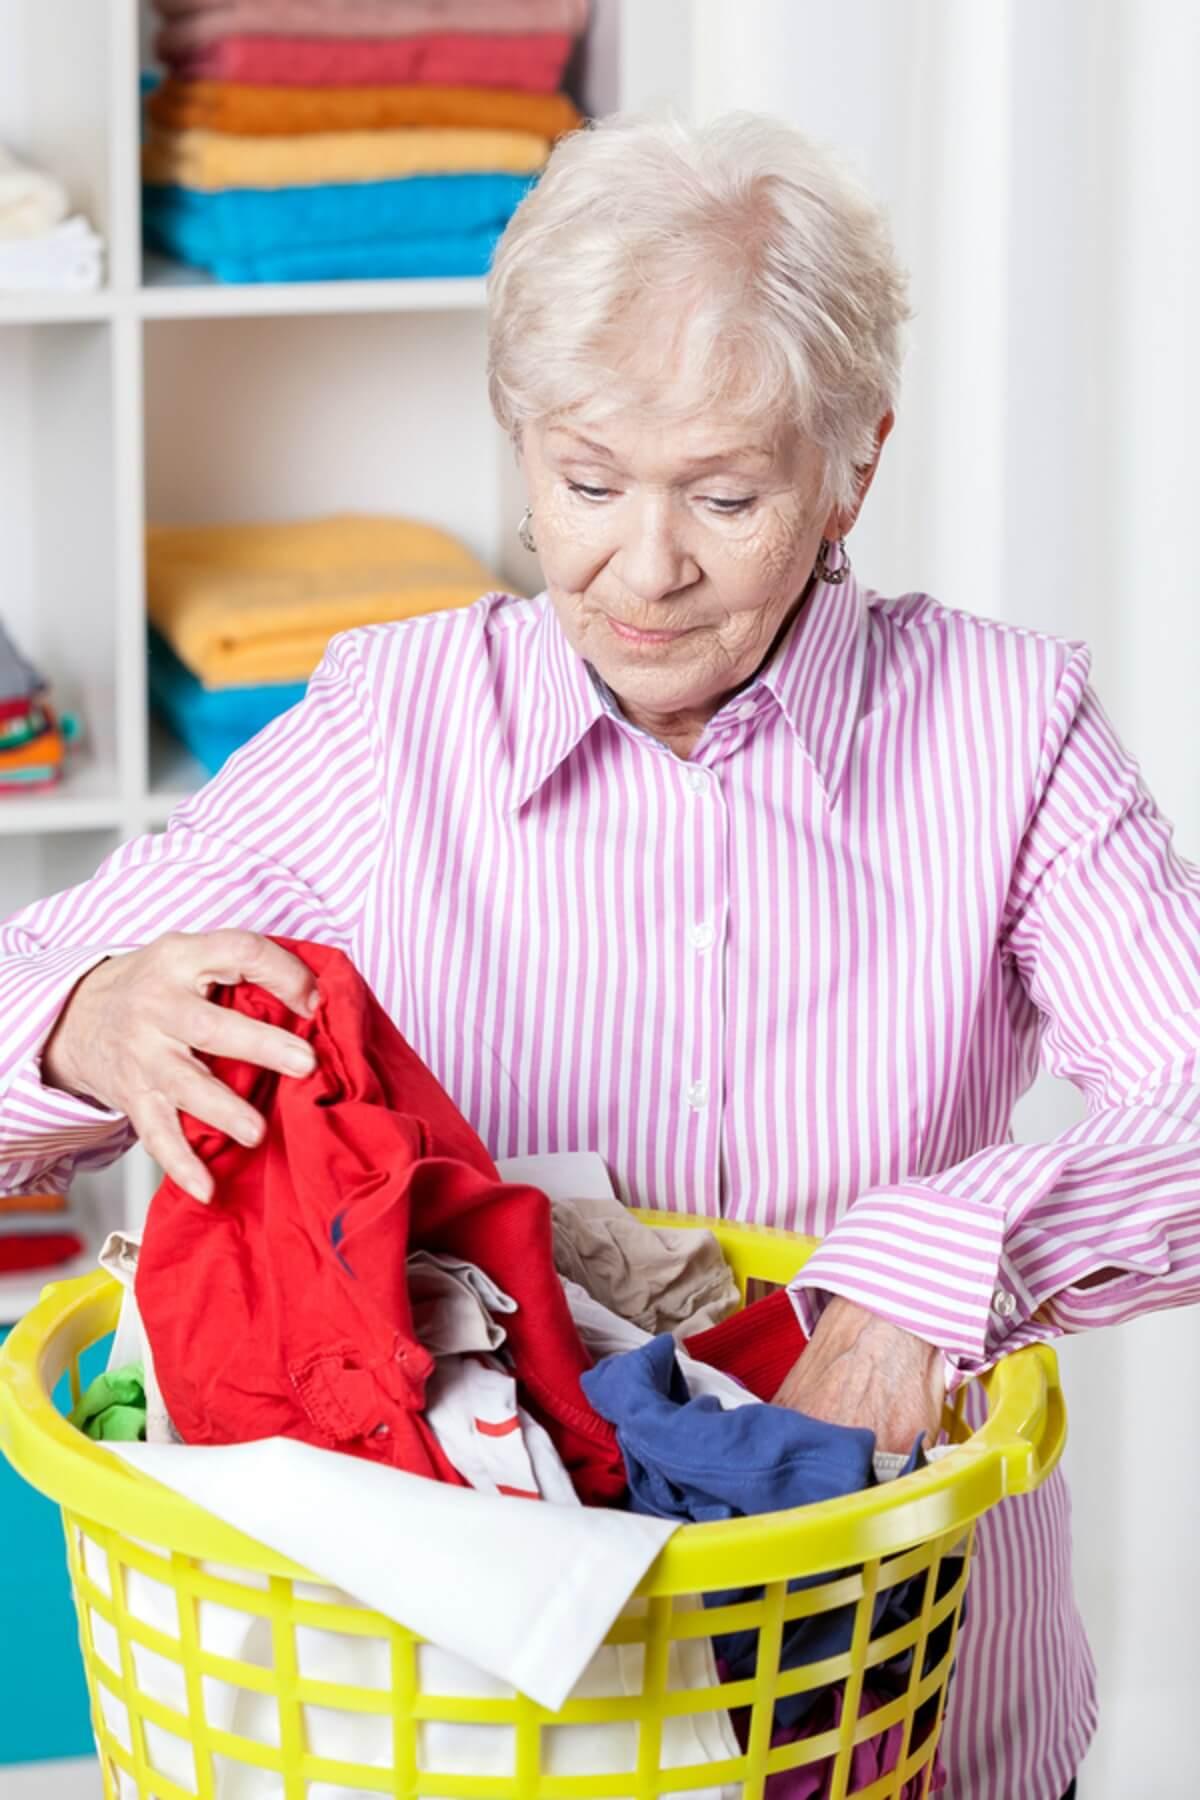 Caregiver in Bay Minette AL: ADLs